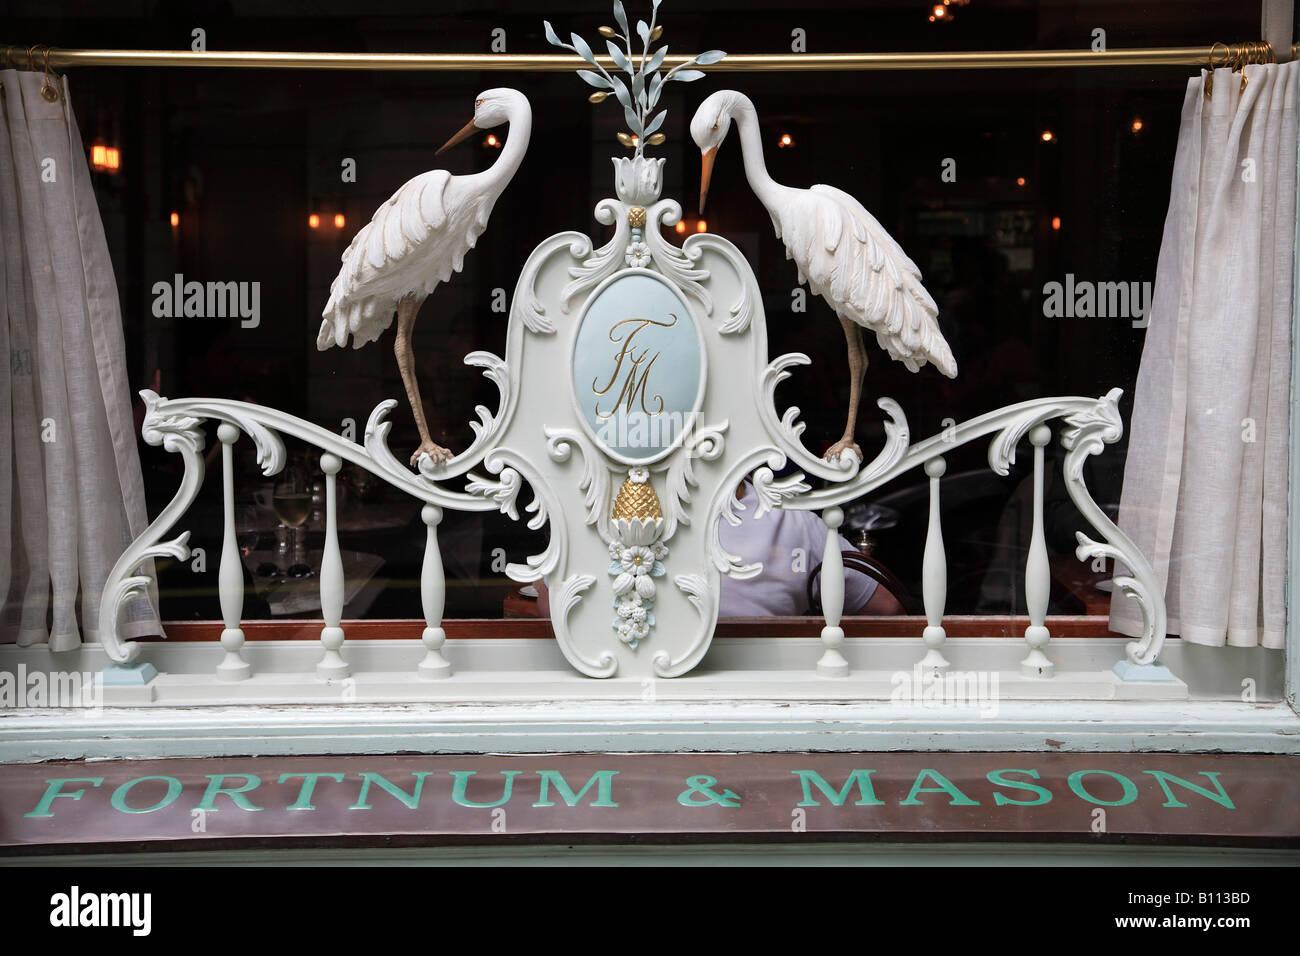 UK Britain England London Picadilly Fortnum Mason store window - Stock Image